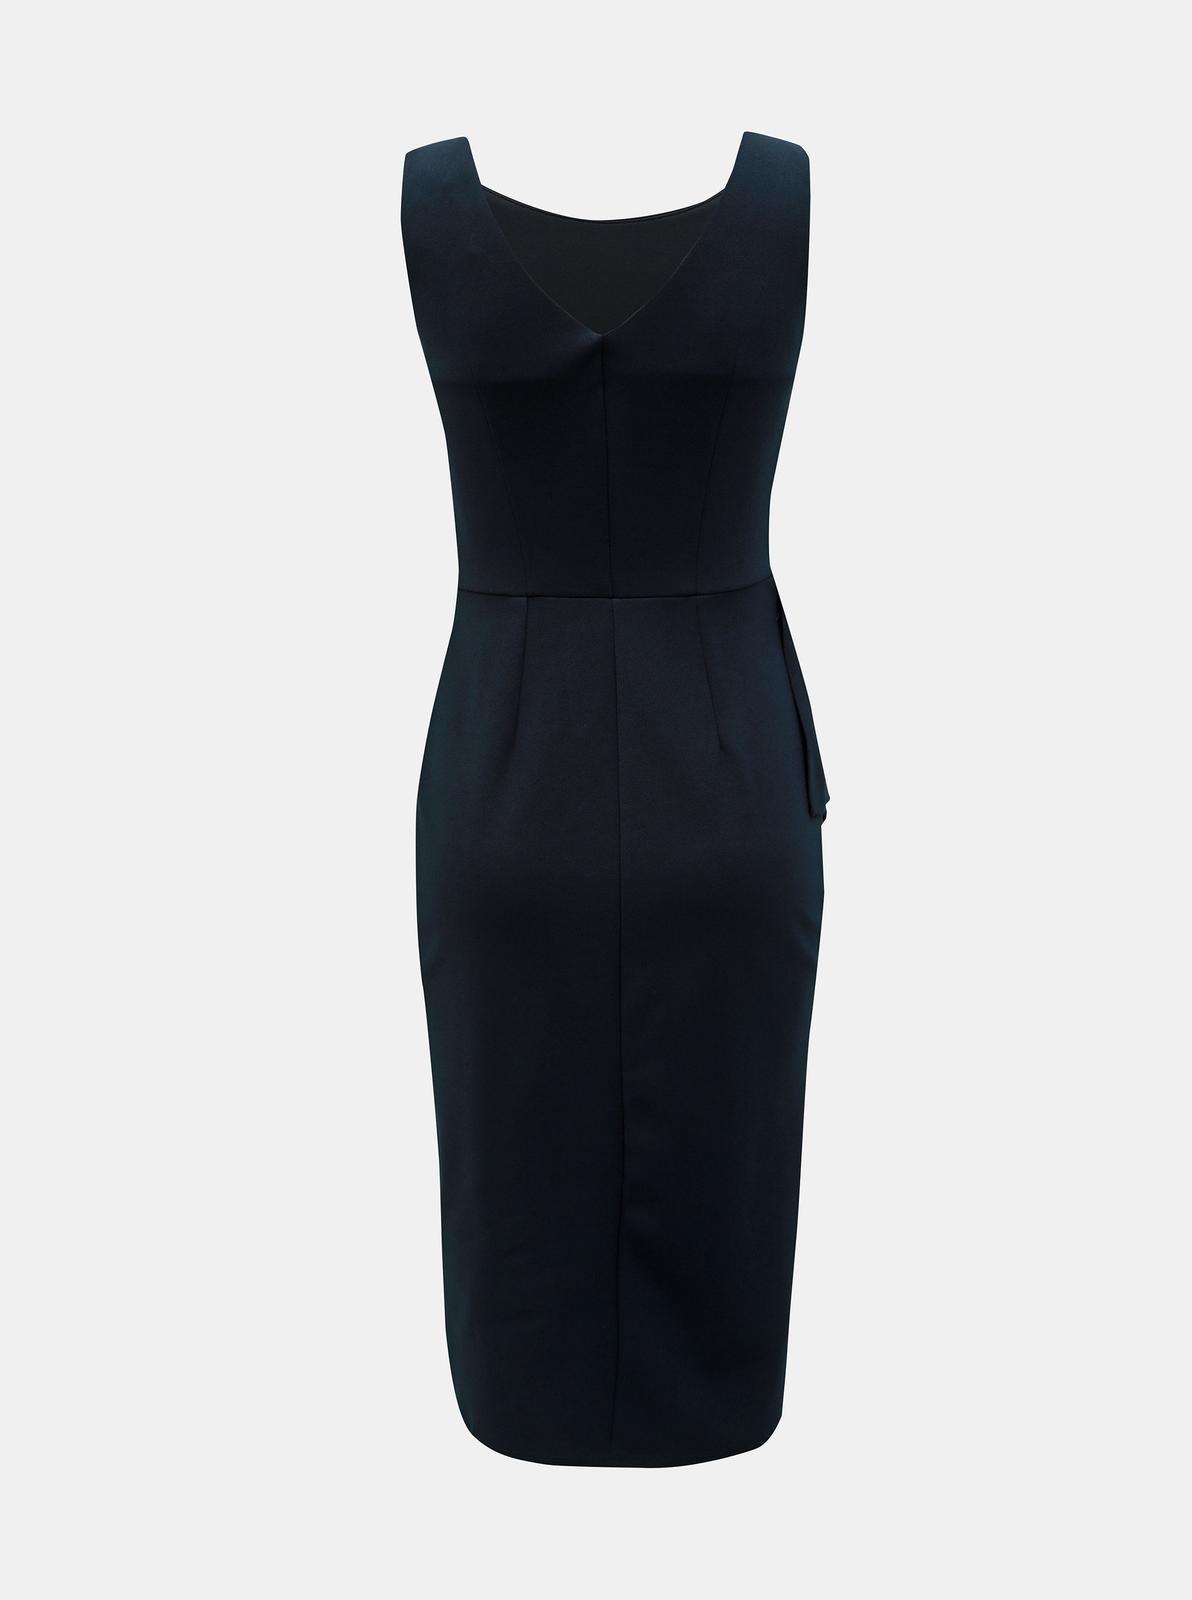 Tmavo modré puzdrové šaty Dorothy Perkins - 36 - Obrázok č. 2